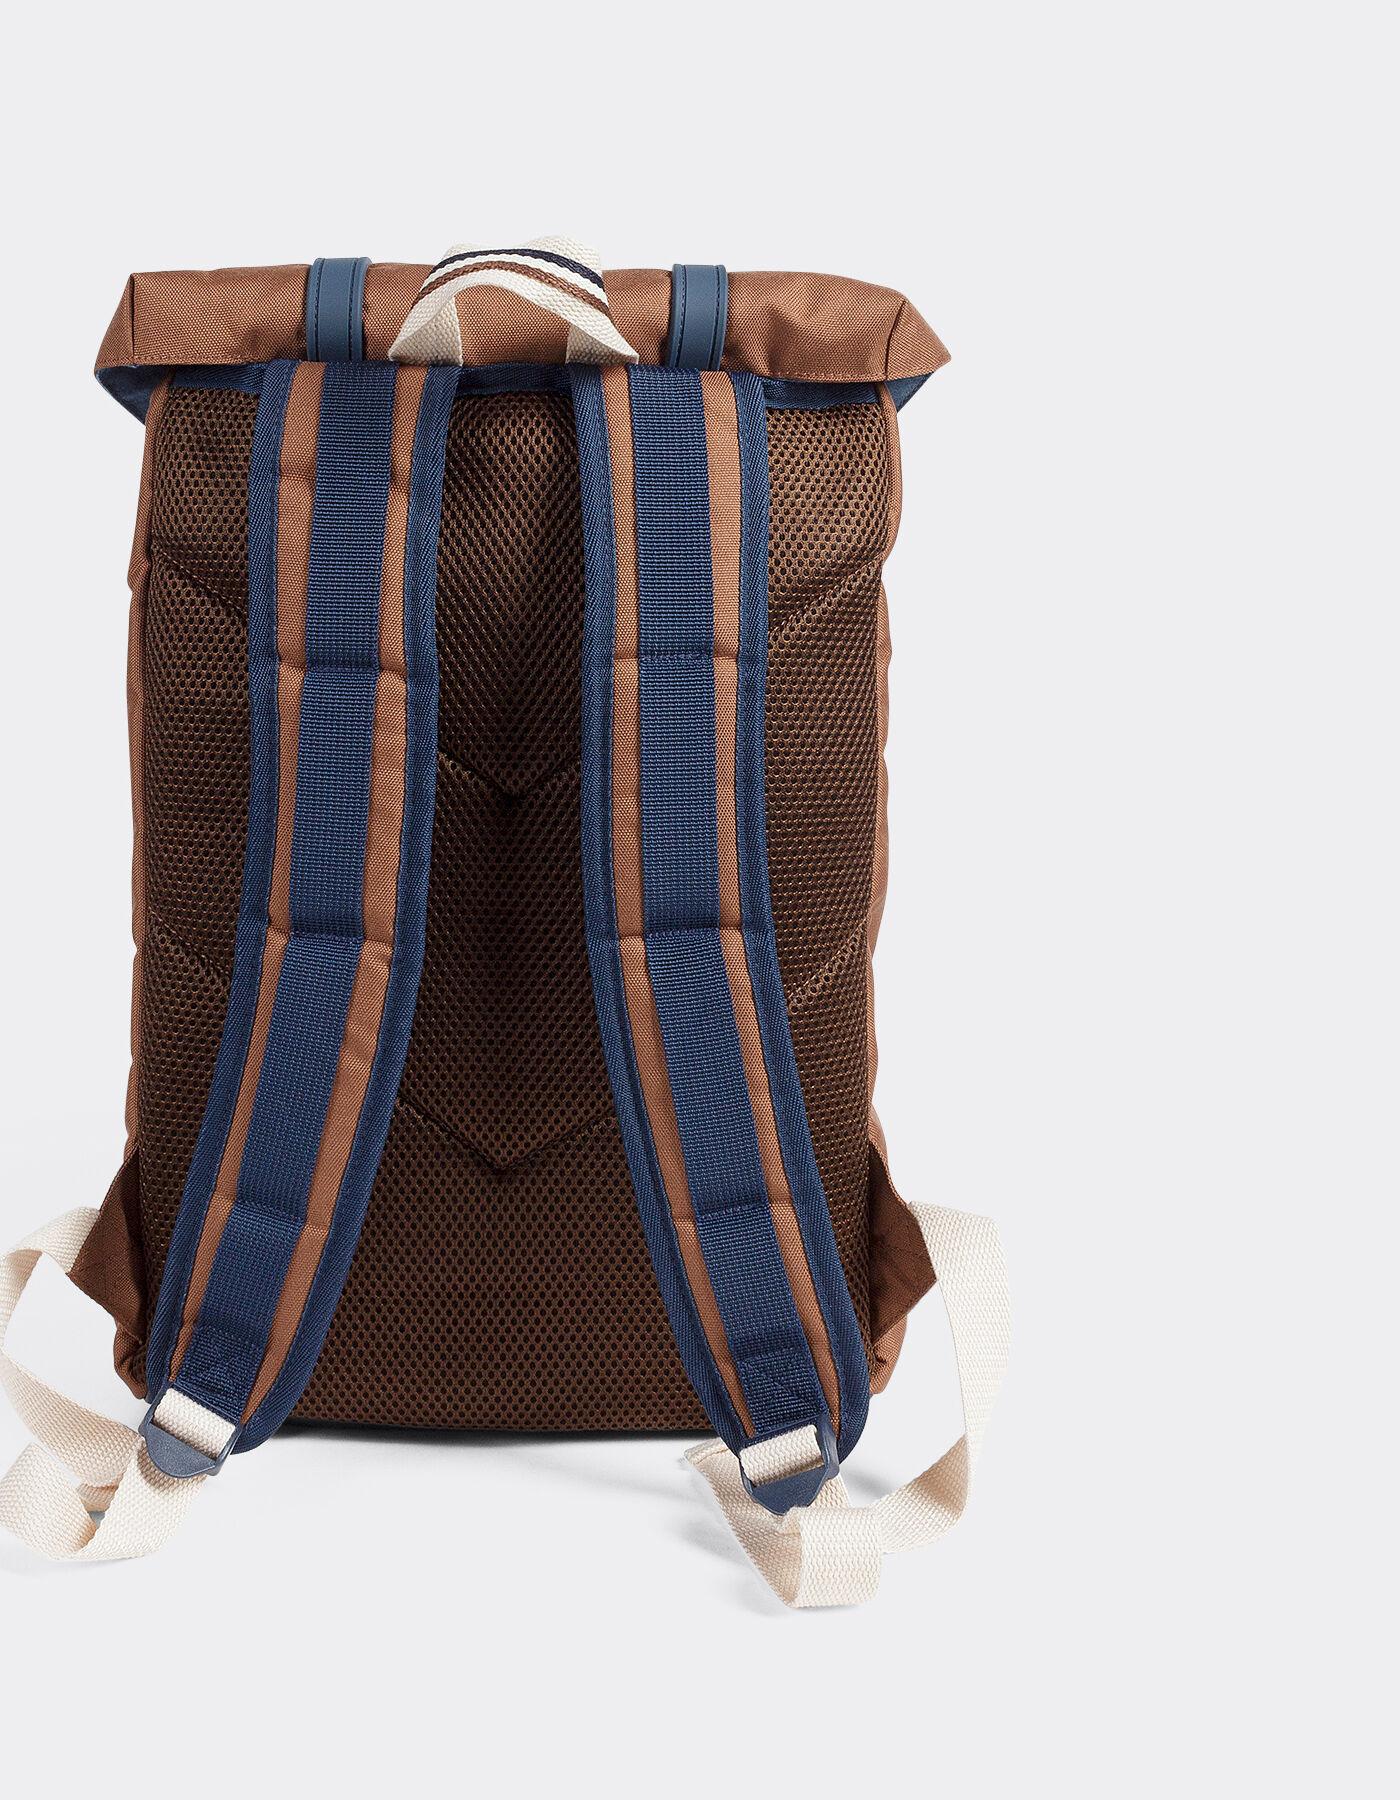 sac dos randonneur camel homme jules. Black Bedroom Furniture Sets. Home Design Ideas